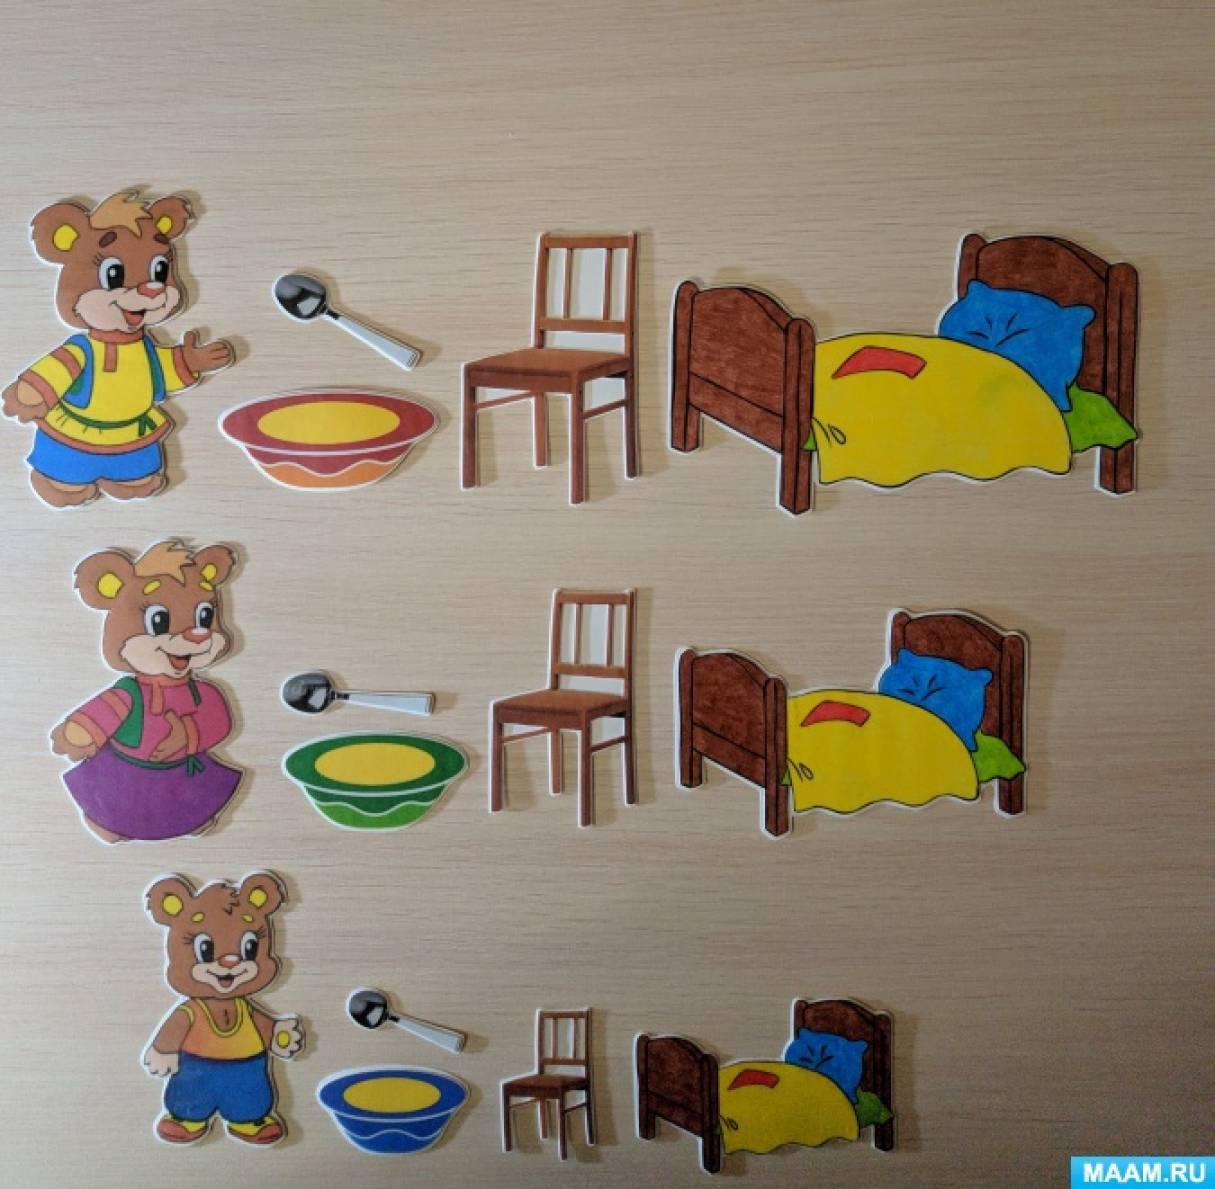 Картинки величина для детского сада